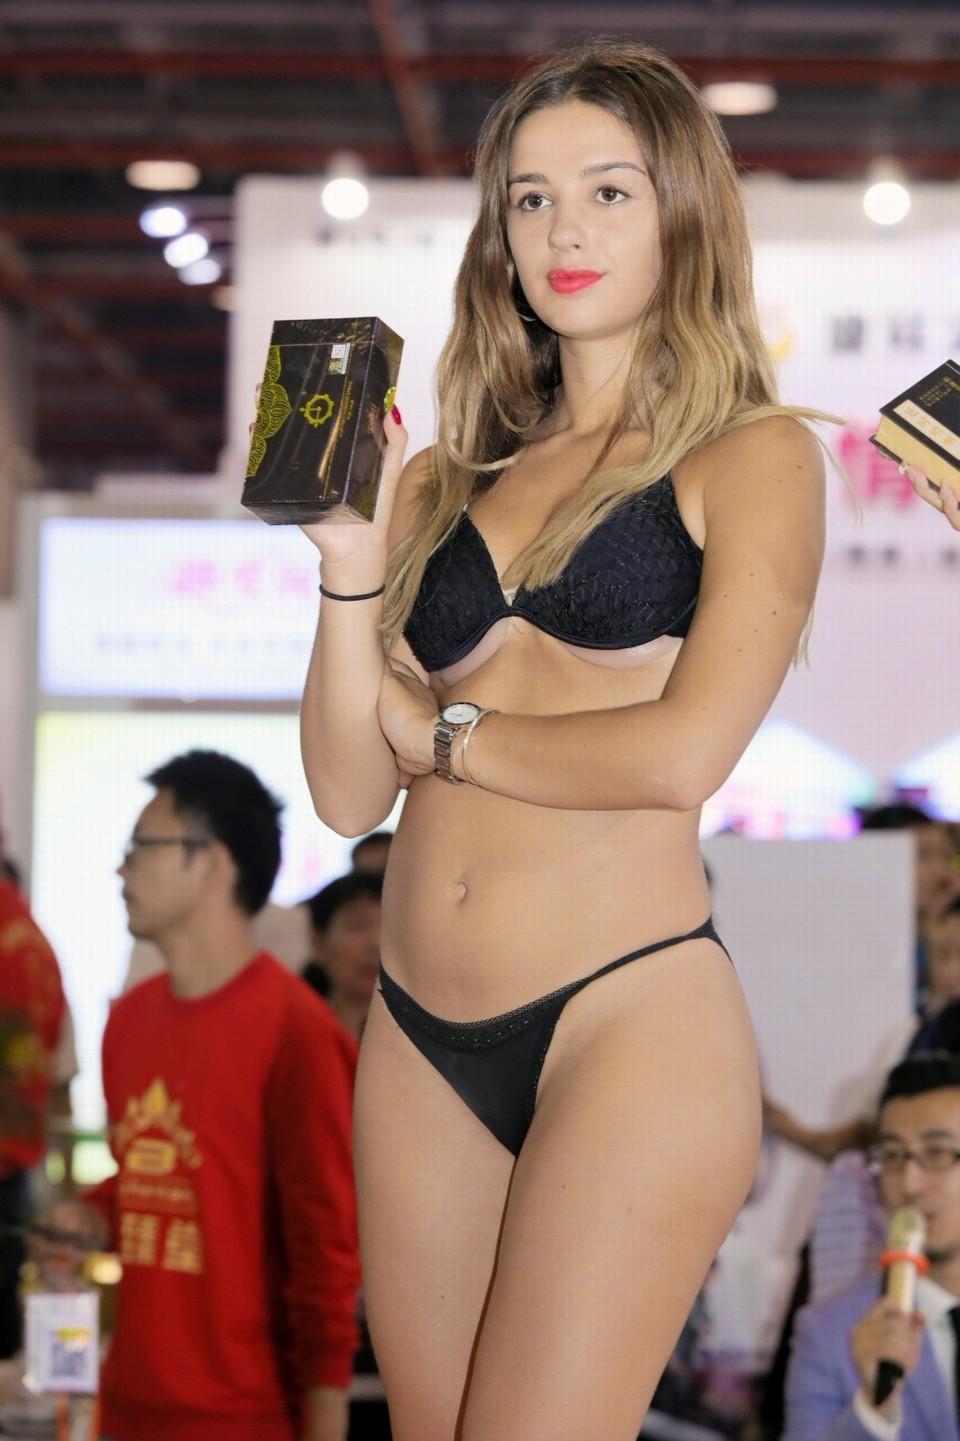 广州性文化节欣赏模特 (42)